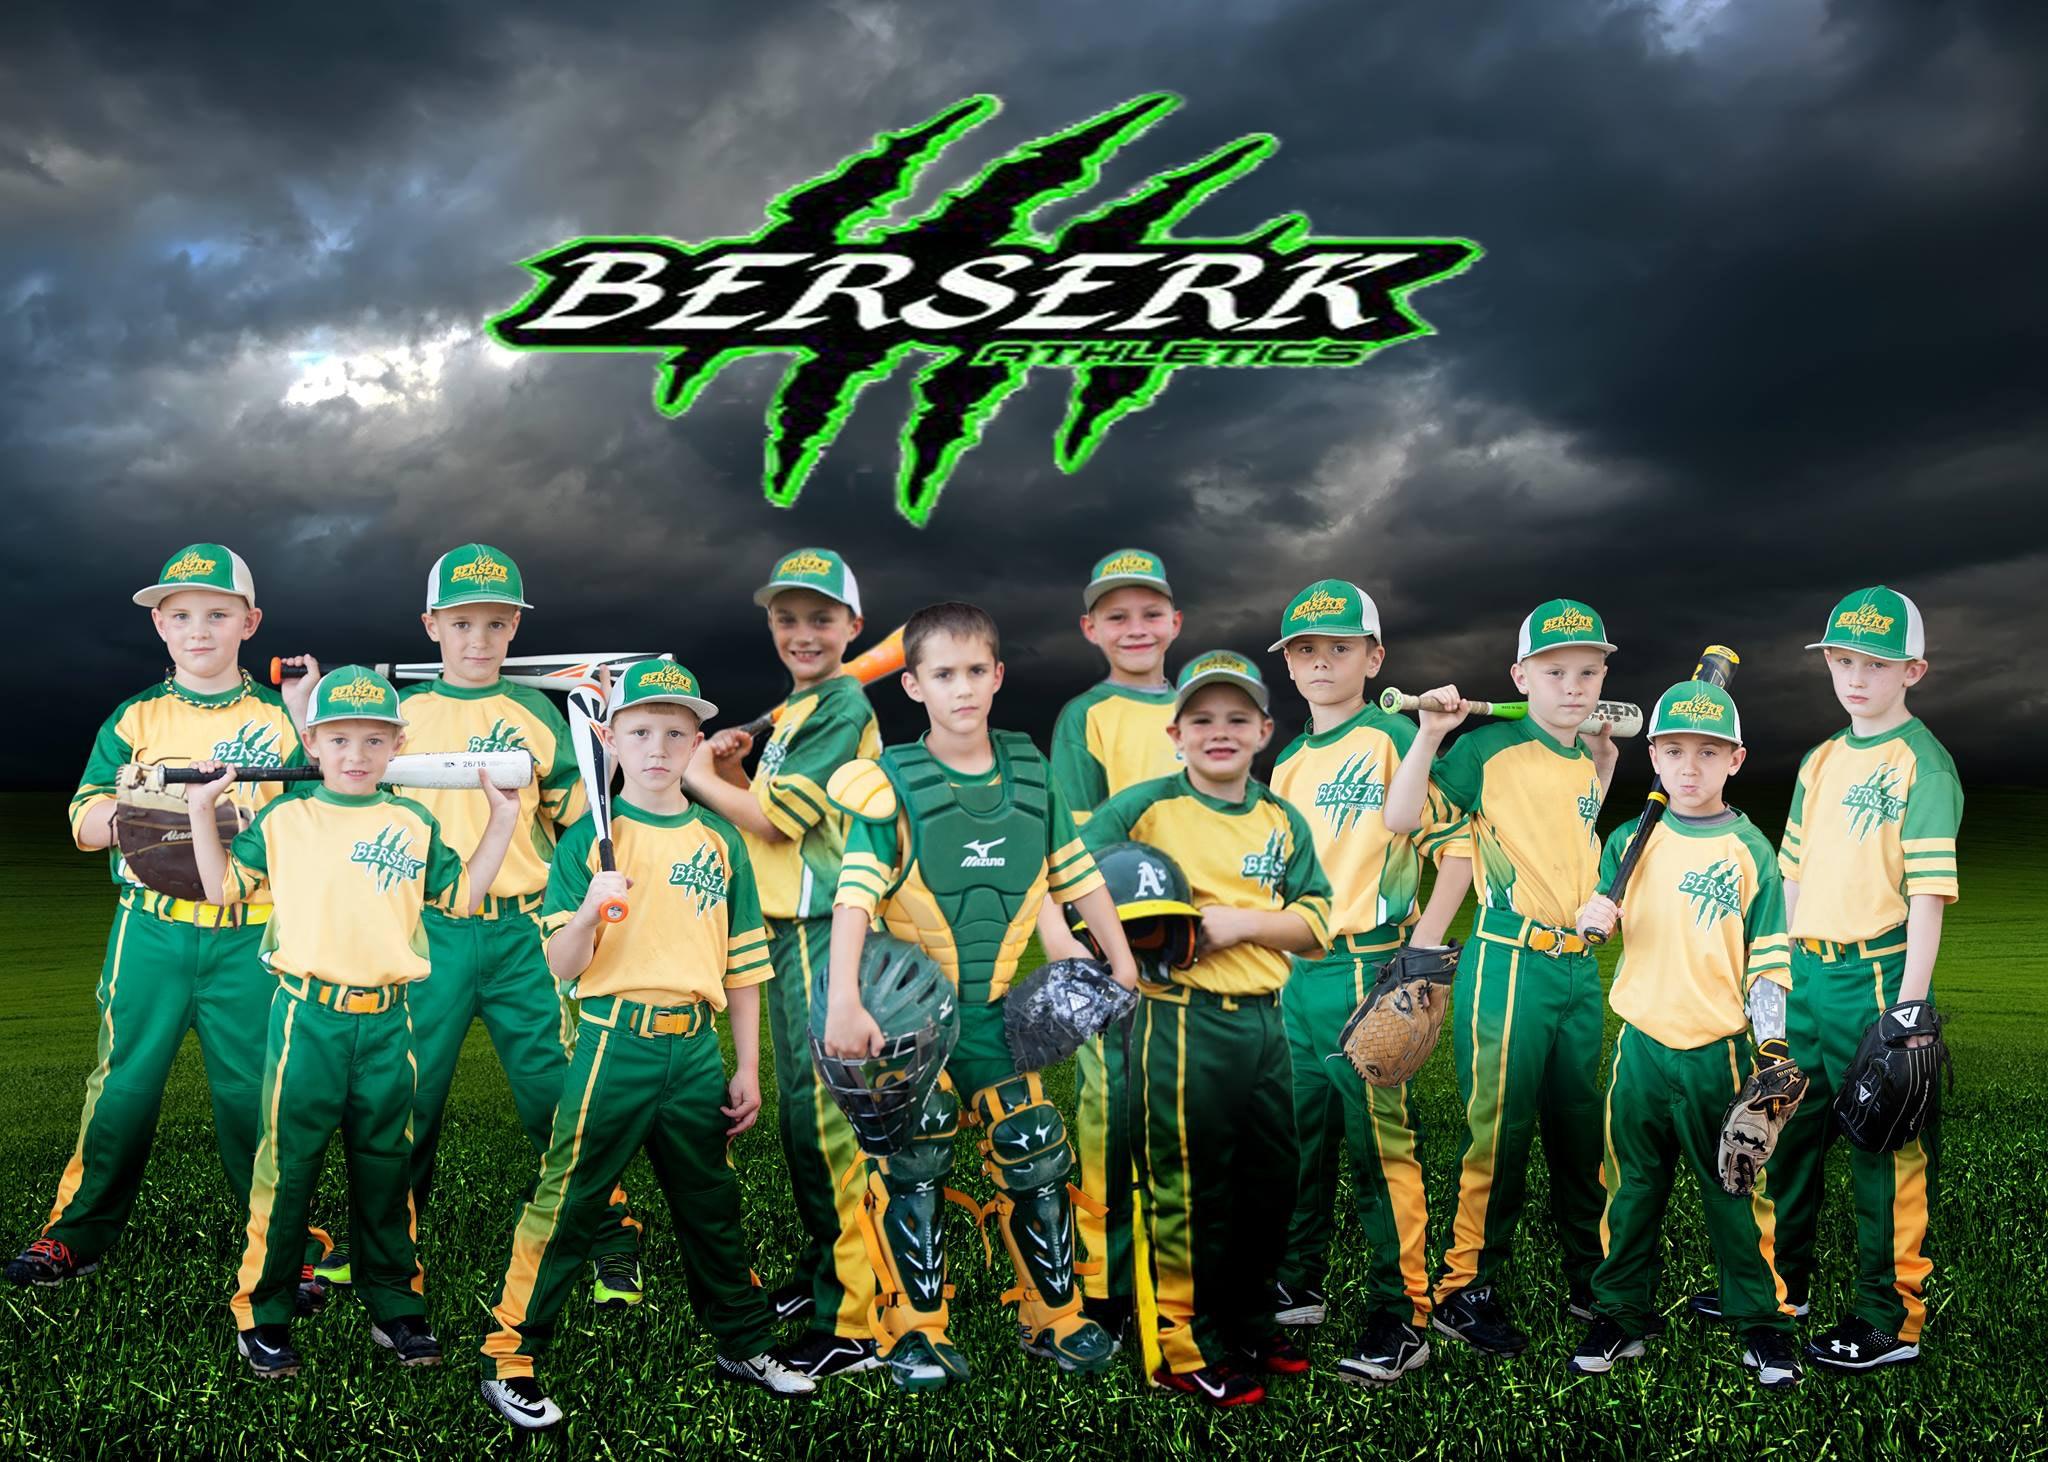 Berserk Athletics Baseball 8U